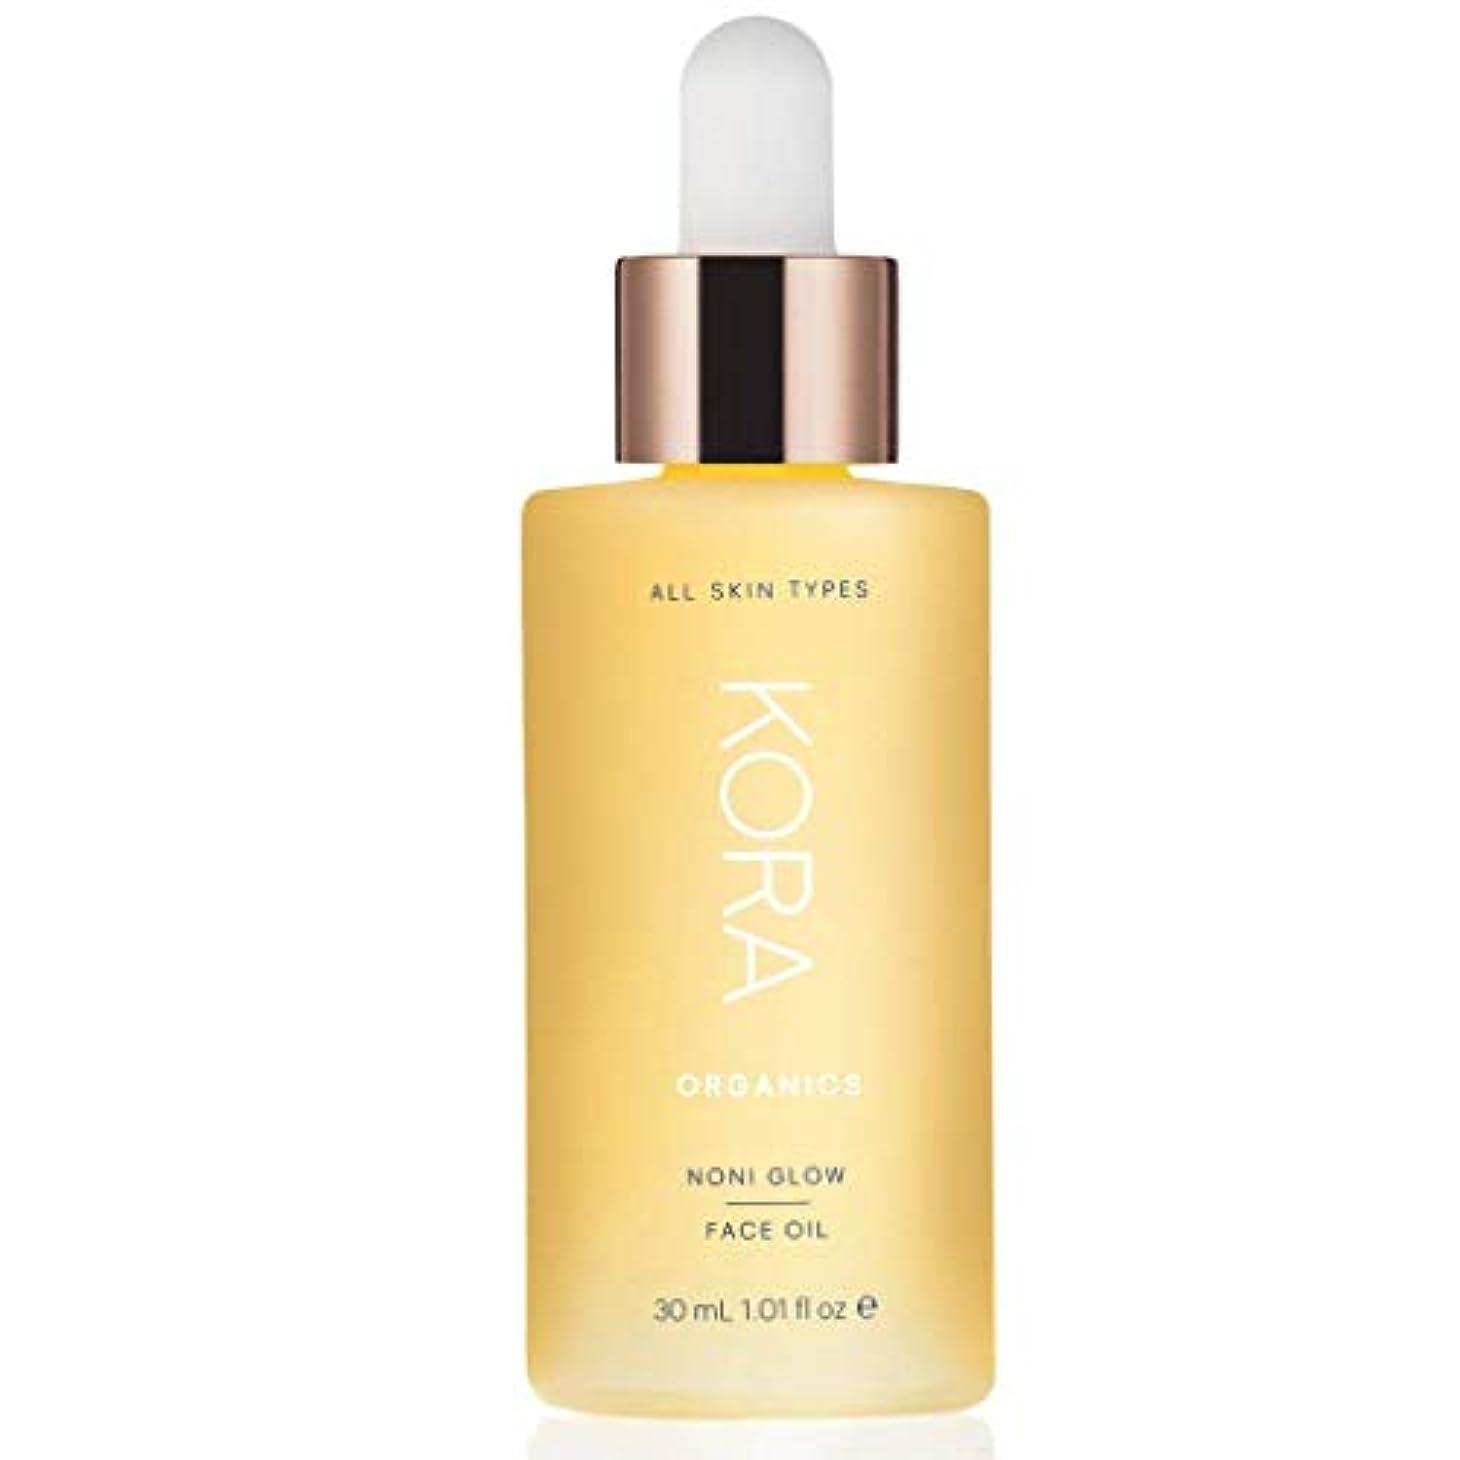 排泄する再生可能心臓[Kora Organics]ノニ グロー フェイスオイル(フェイスマスク?保湿オイル)[Noni Glow Face Oil][海外直送品] (30ml)